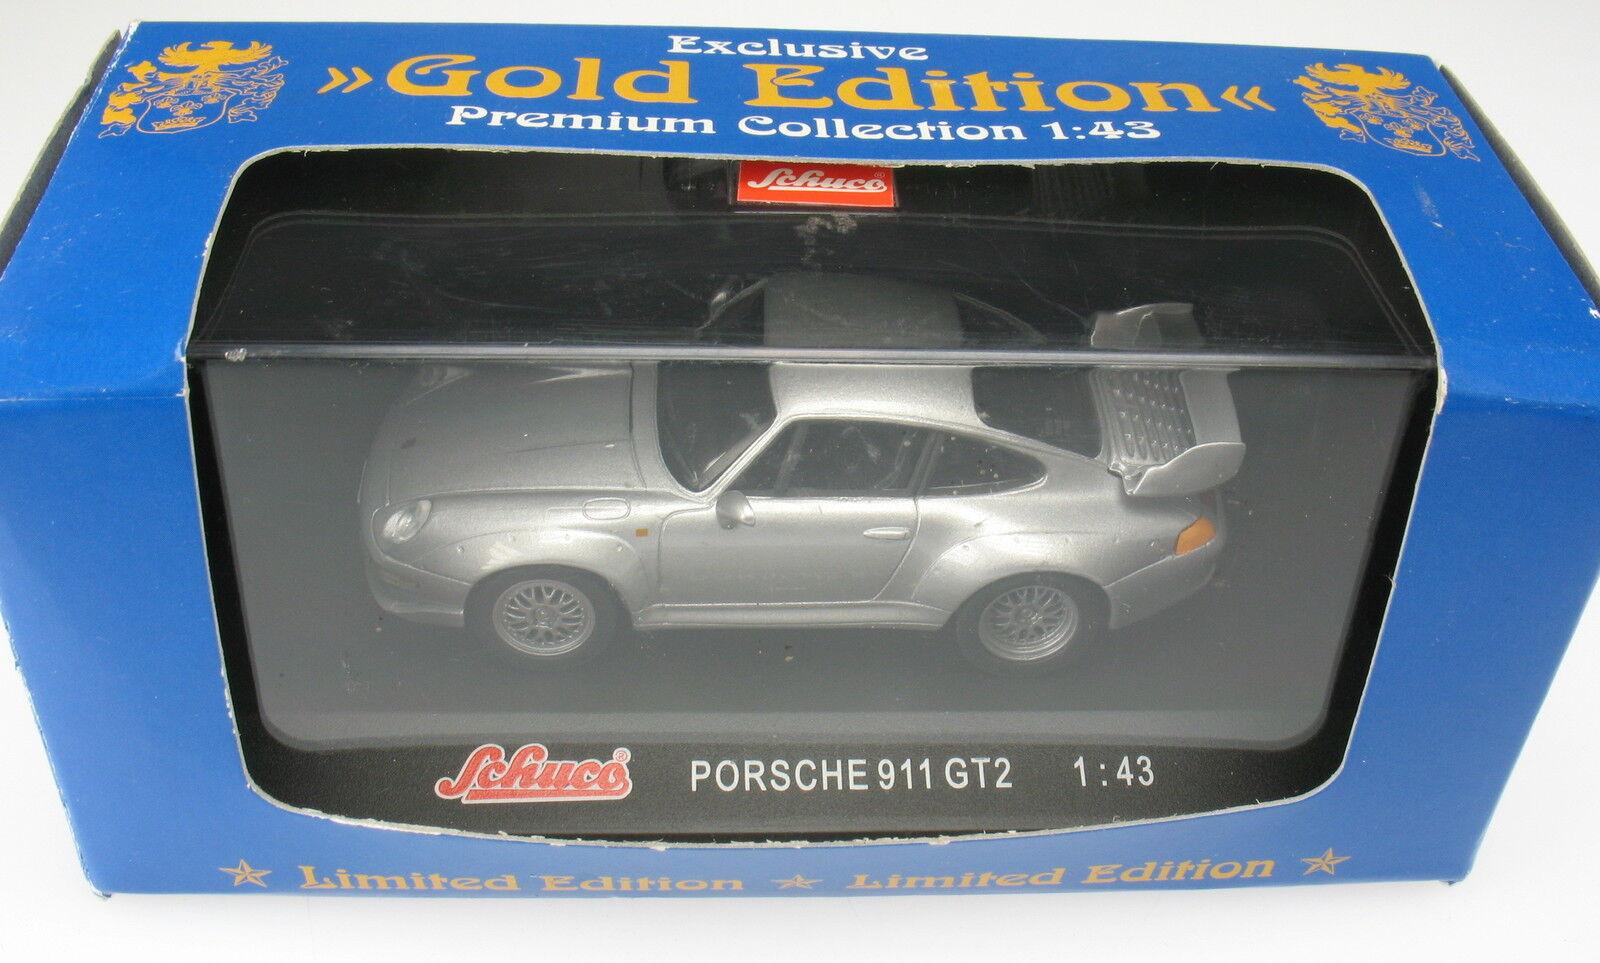 Schuco-PORSCHE 911 gt2-argentoo metallizzato - 1 43 - nuovo in OPV-modello di auto